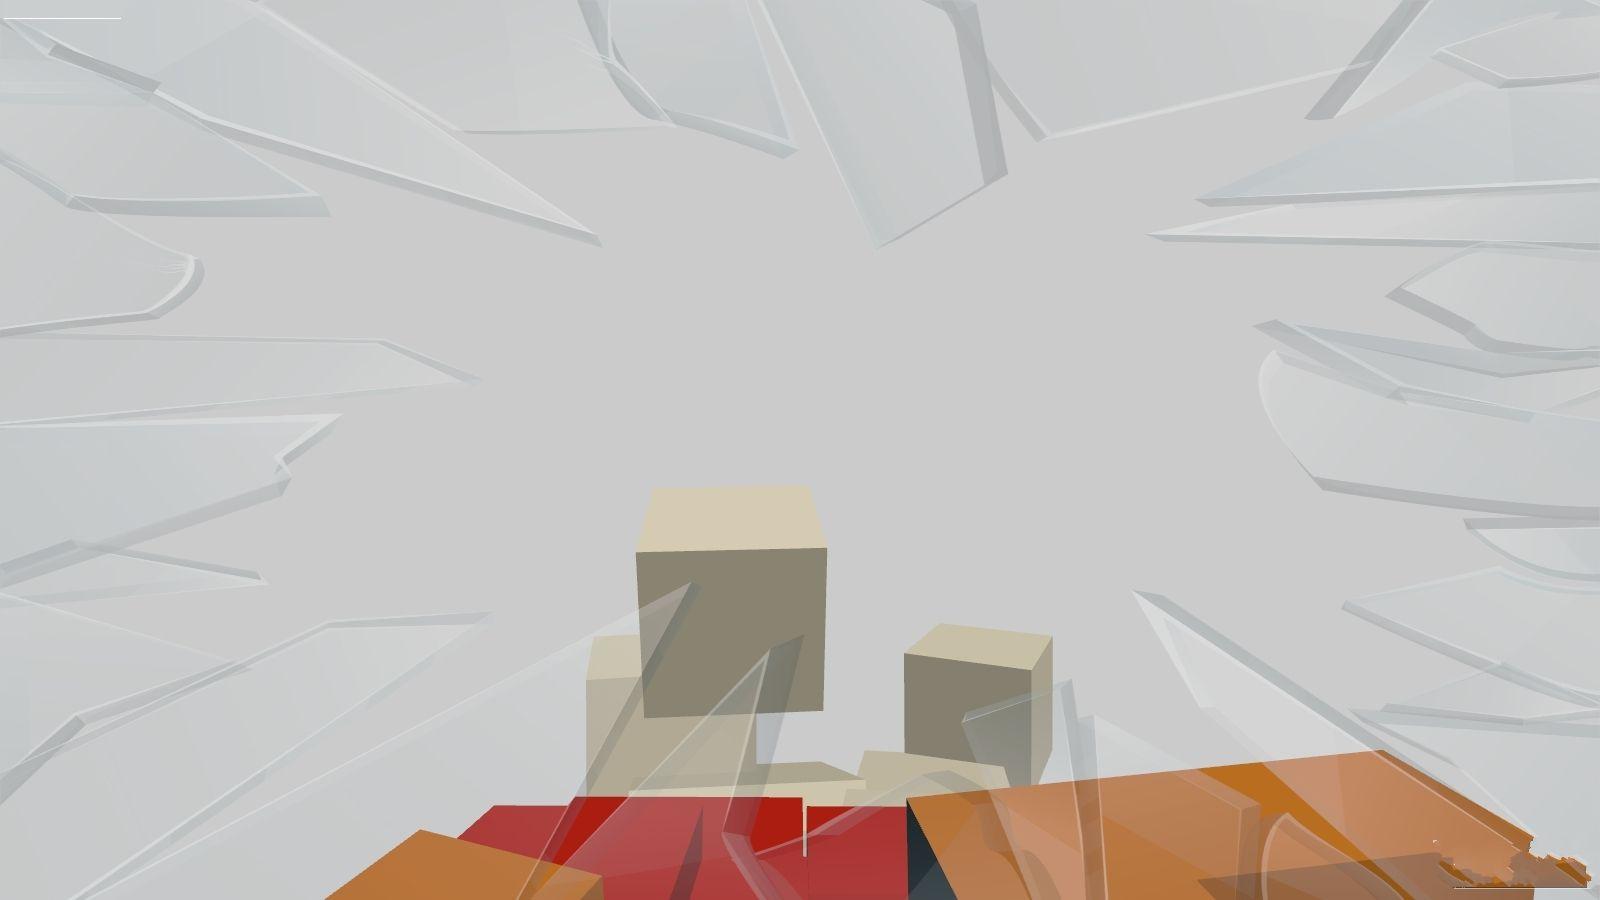 Ramageddon安卓汉化版手机游戏图片4